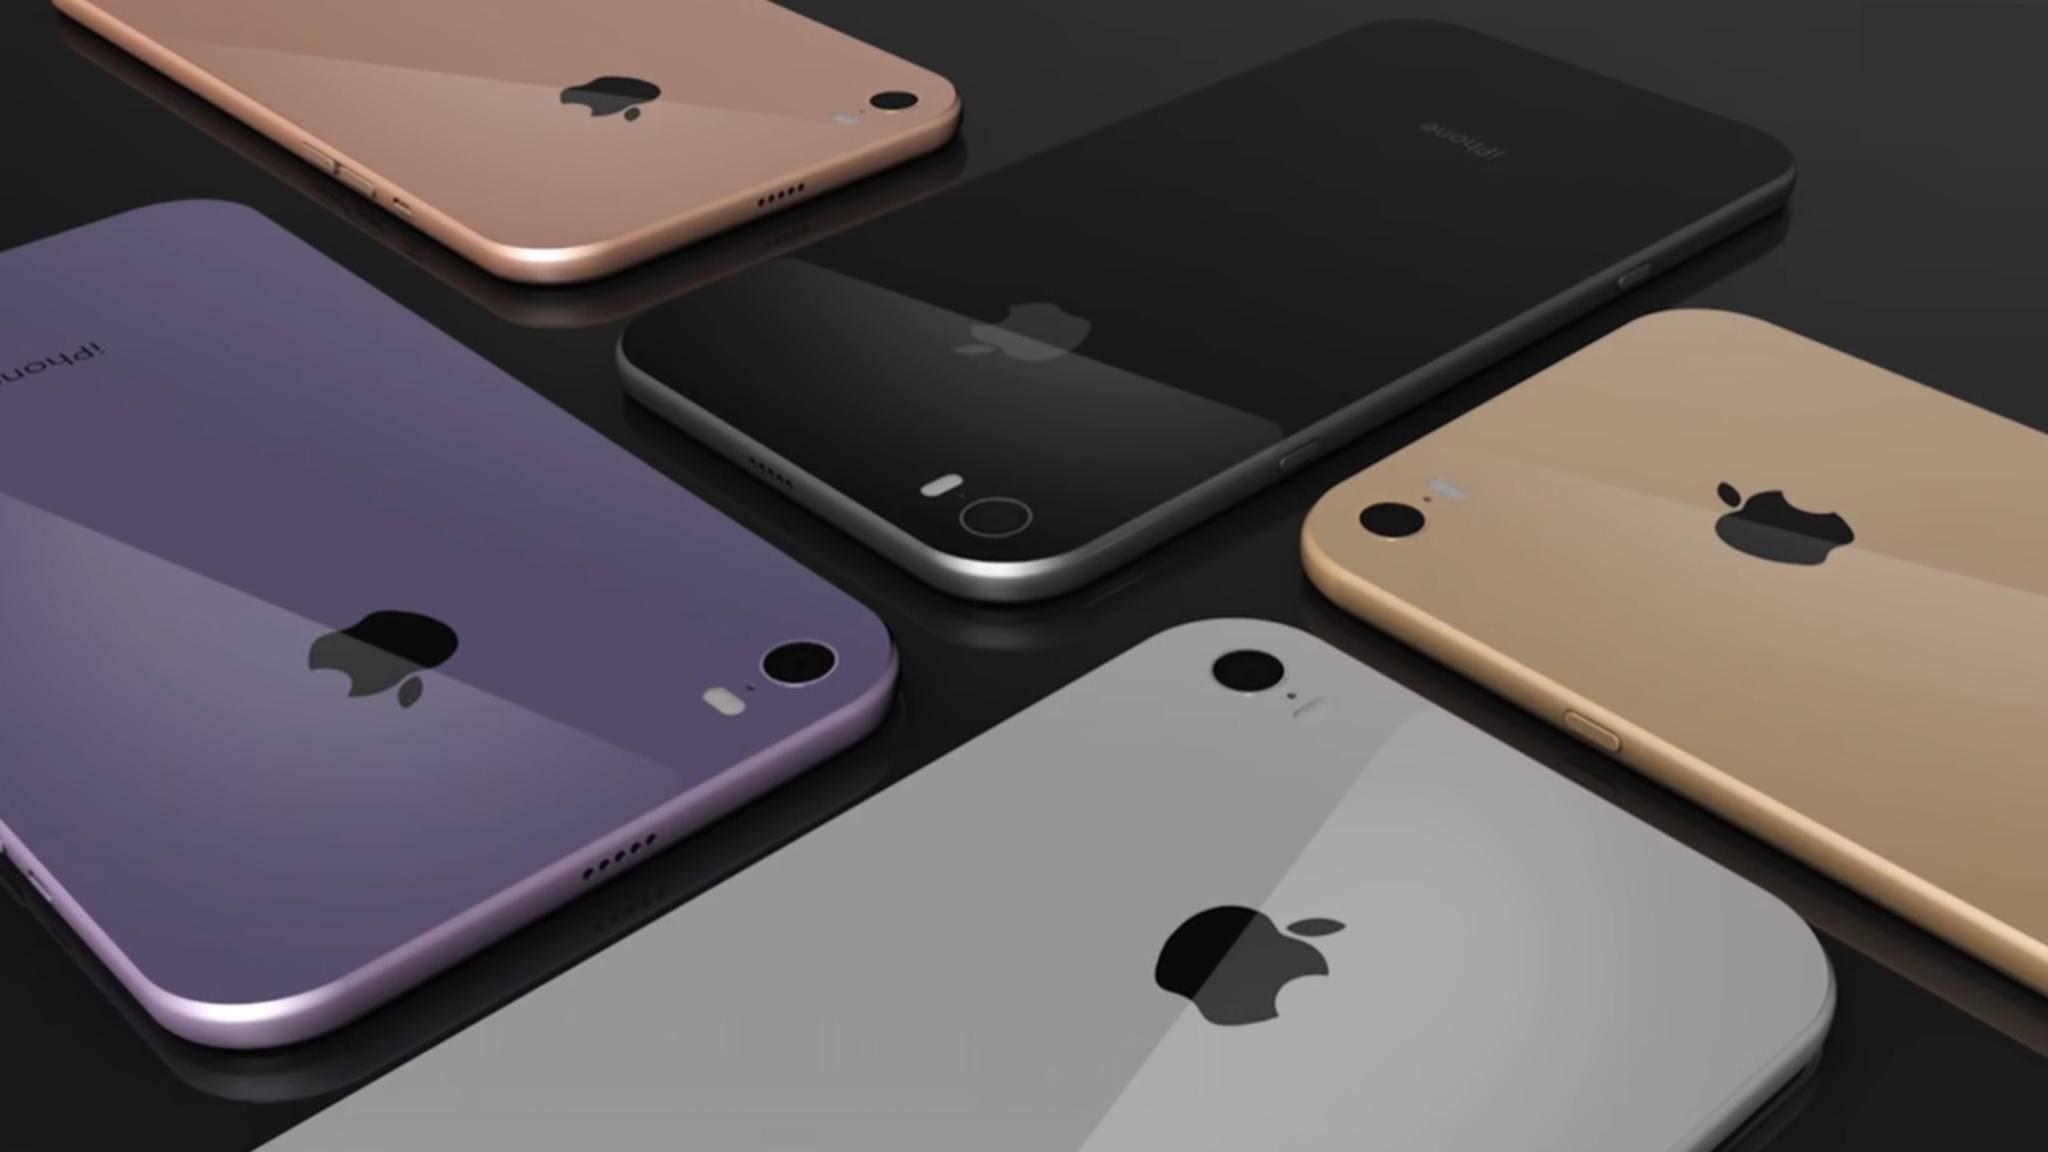 Das iPhone 8 soll offenbar ein 18:9-Display bekommen.